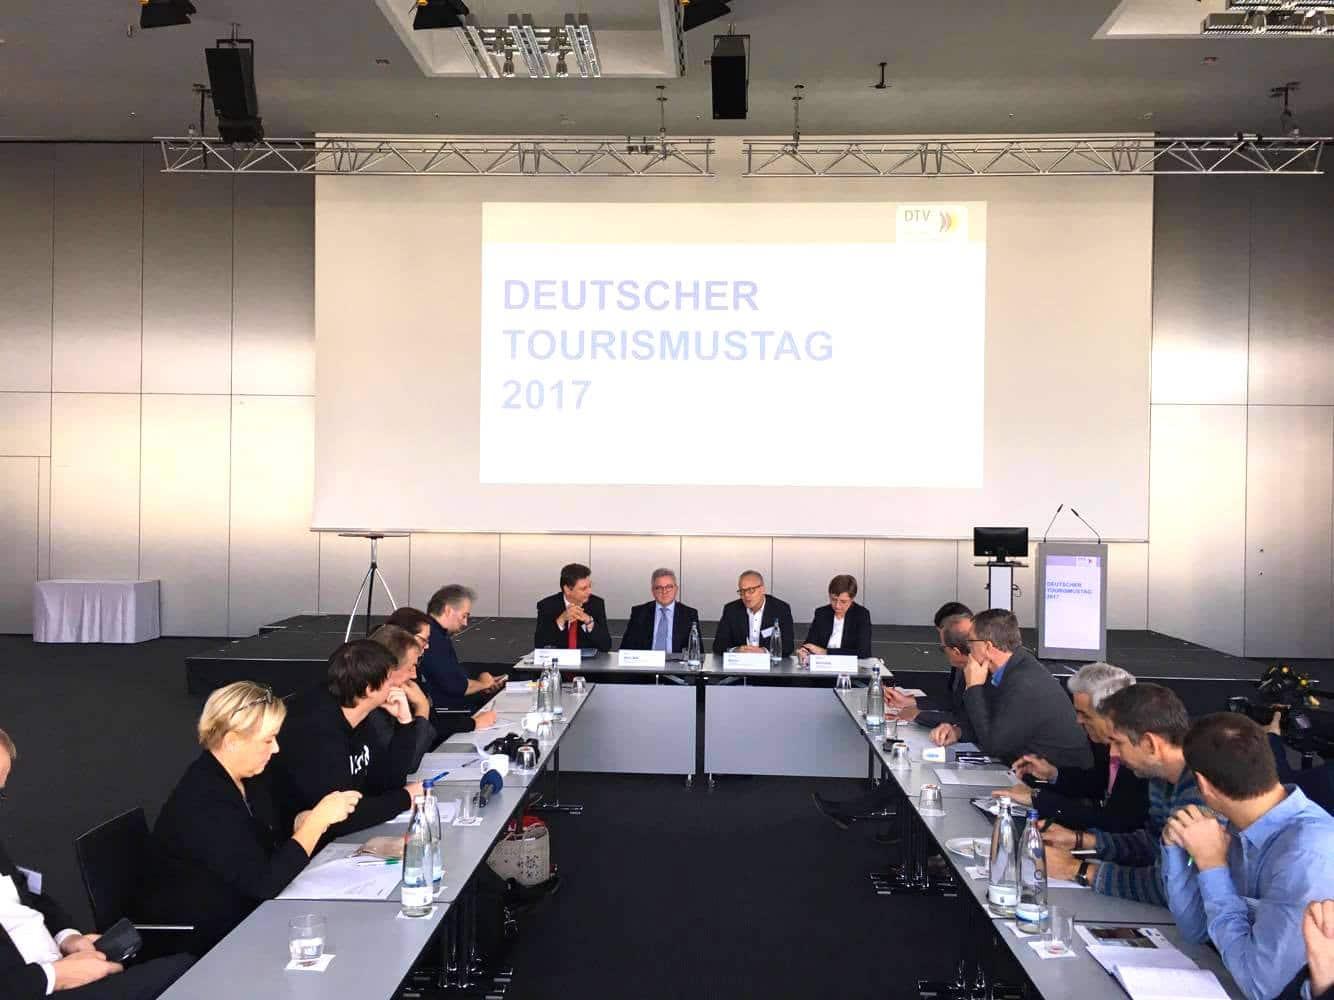 deutscher tourismustag tourismusverband dtv 4 - Deutscher Tourismustag: Reisen in Deutschland